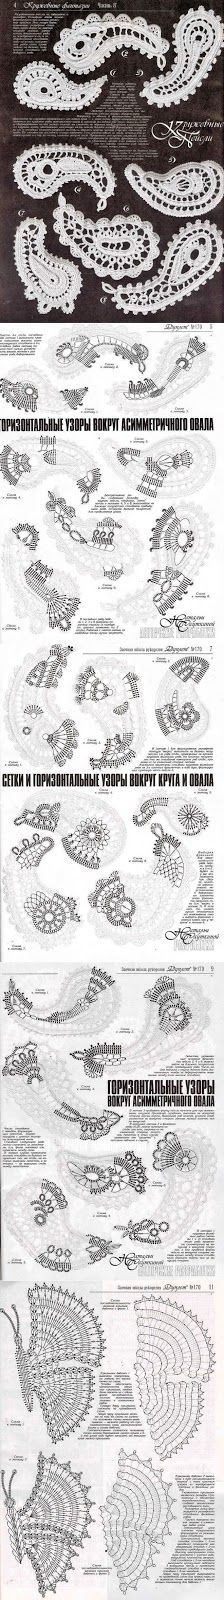 patrones de adornos de encaje de ganchillo irlandés